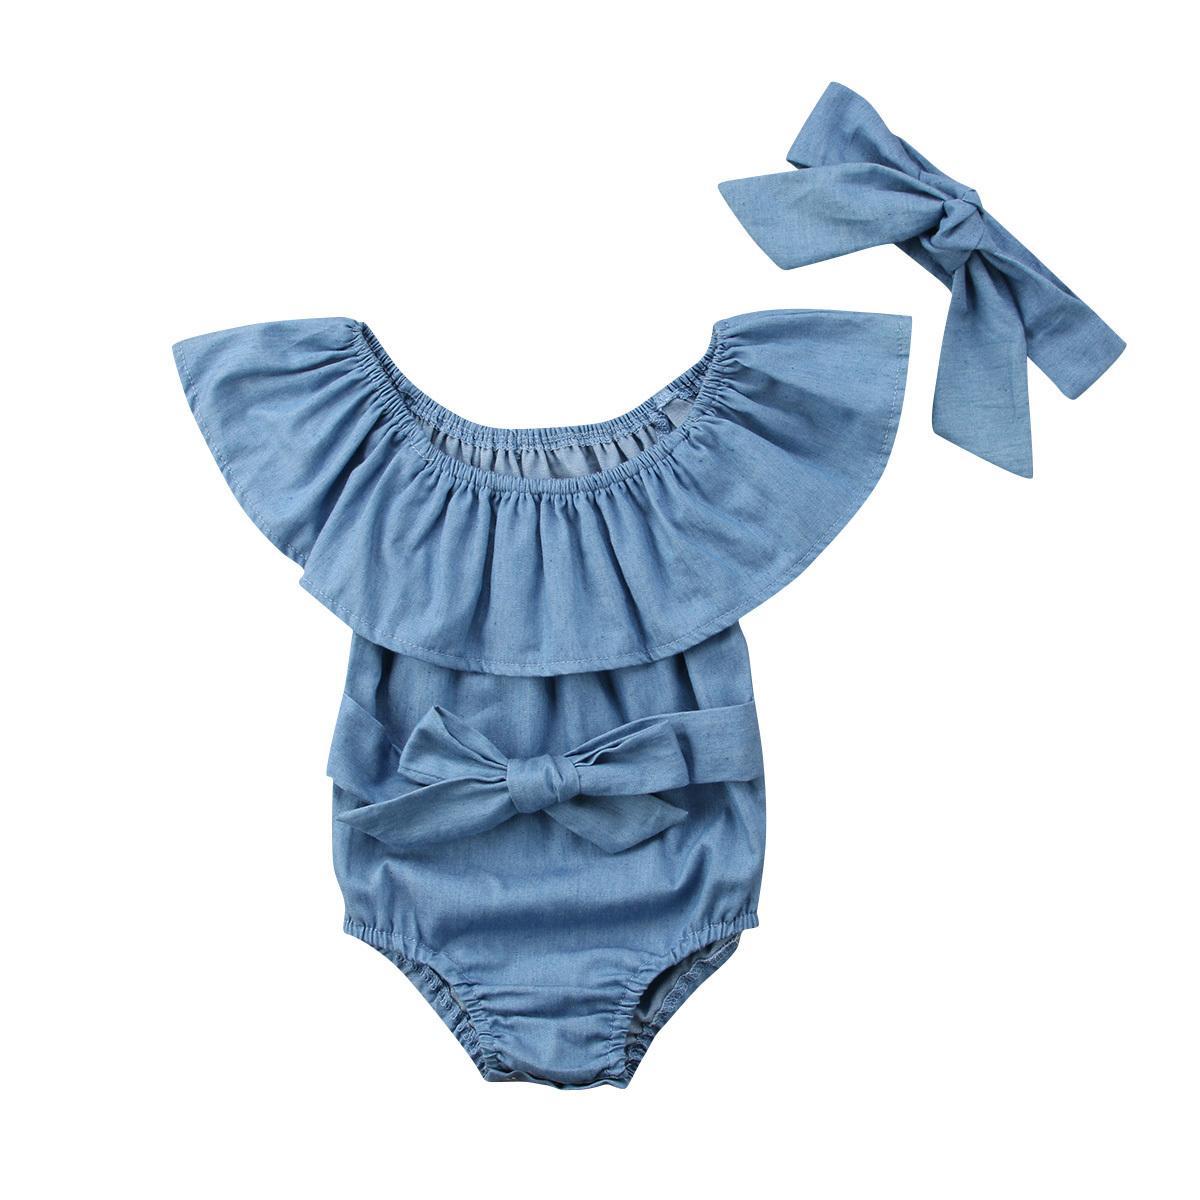 2adet Yenidoğan Çocuk Ruffles Denim Romper Bebek Kız Ön ilmek Jumpsuit Kıyafetler Giyim T200721